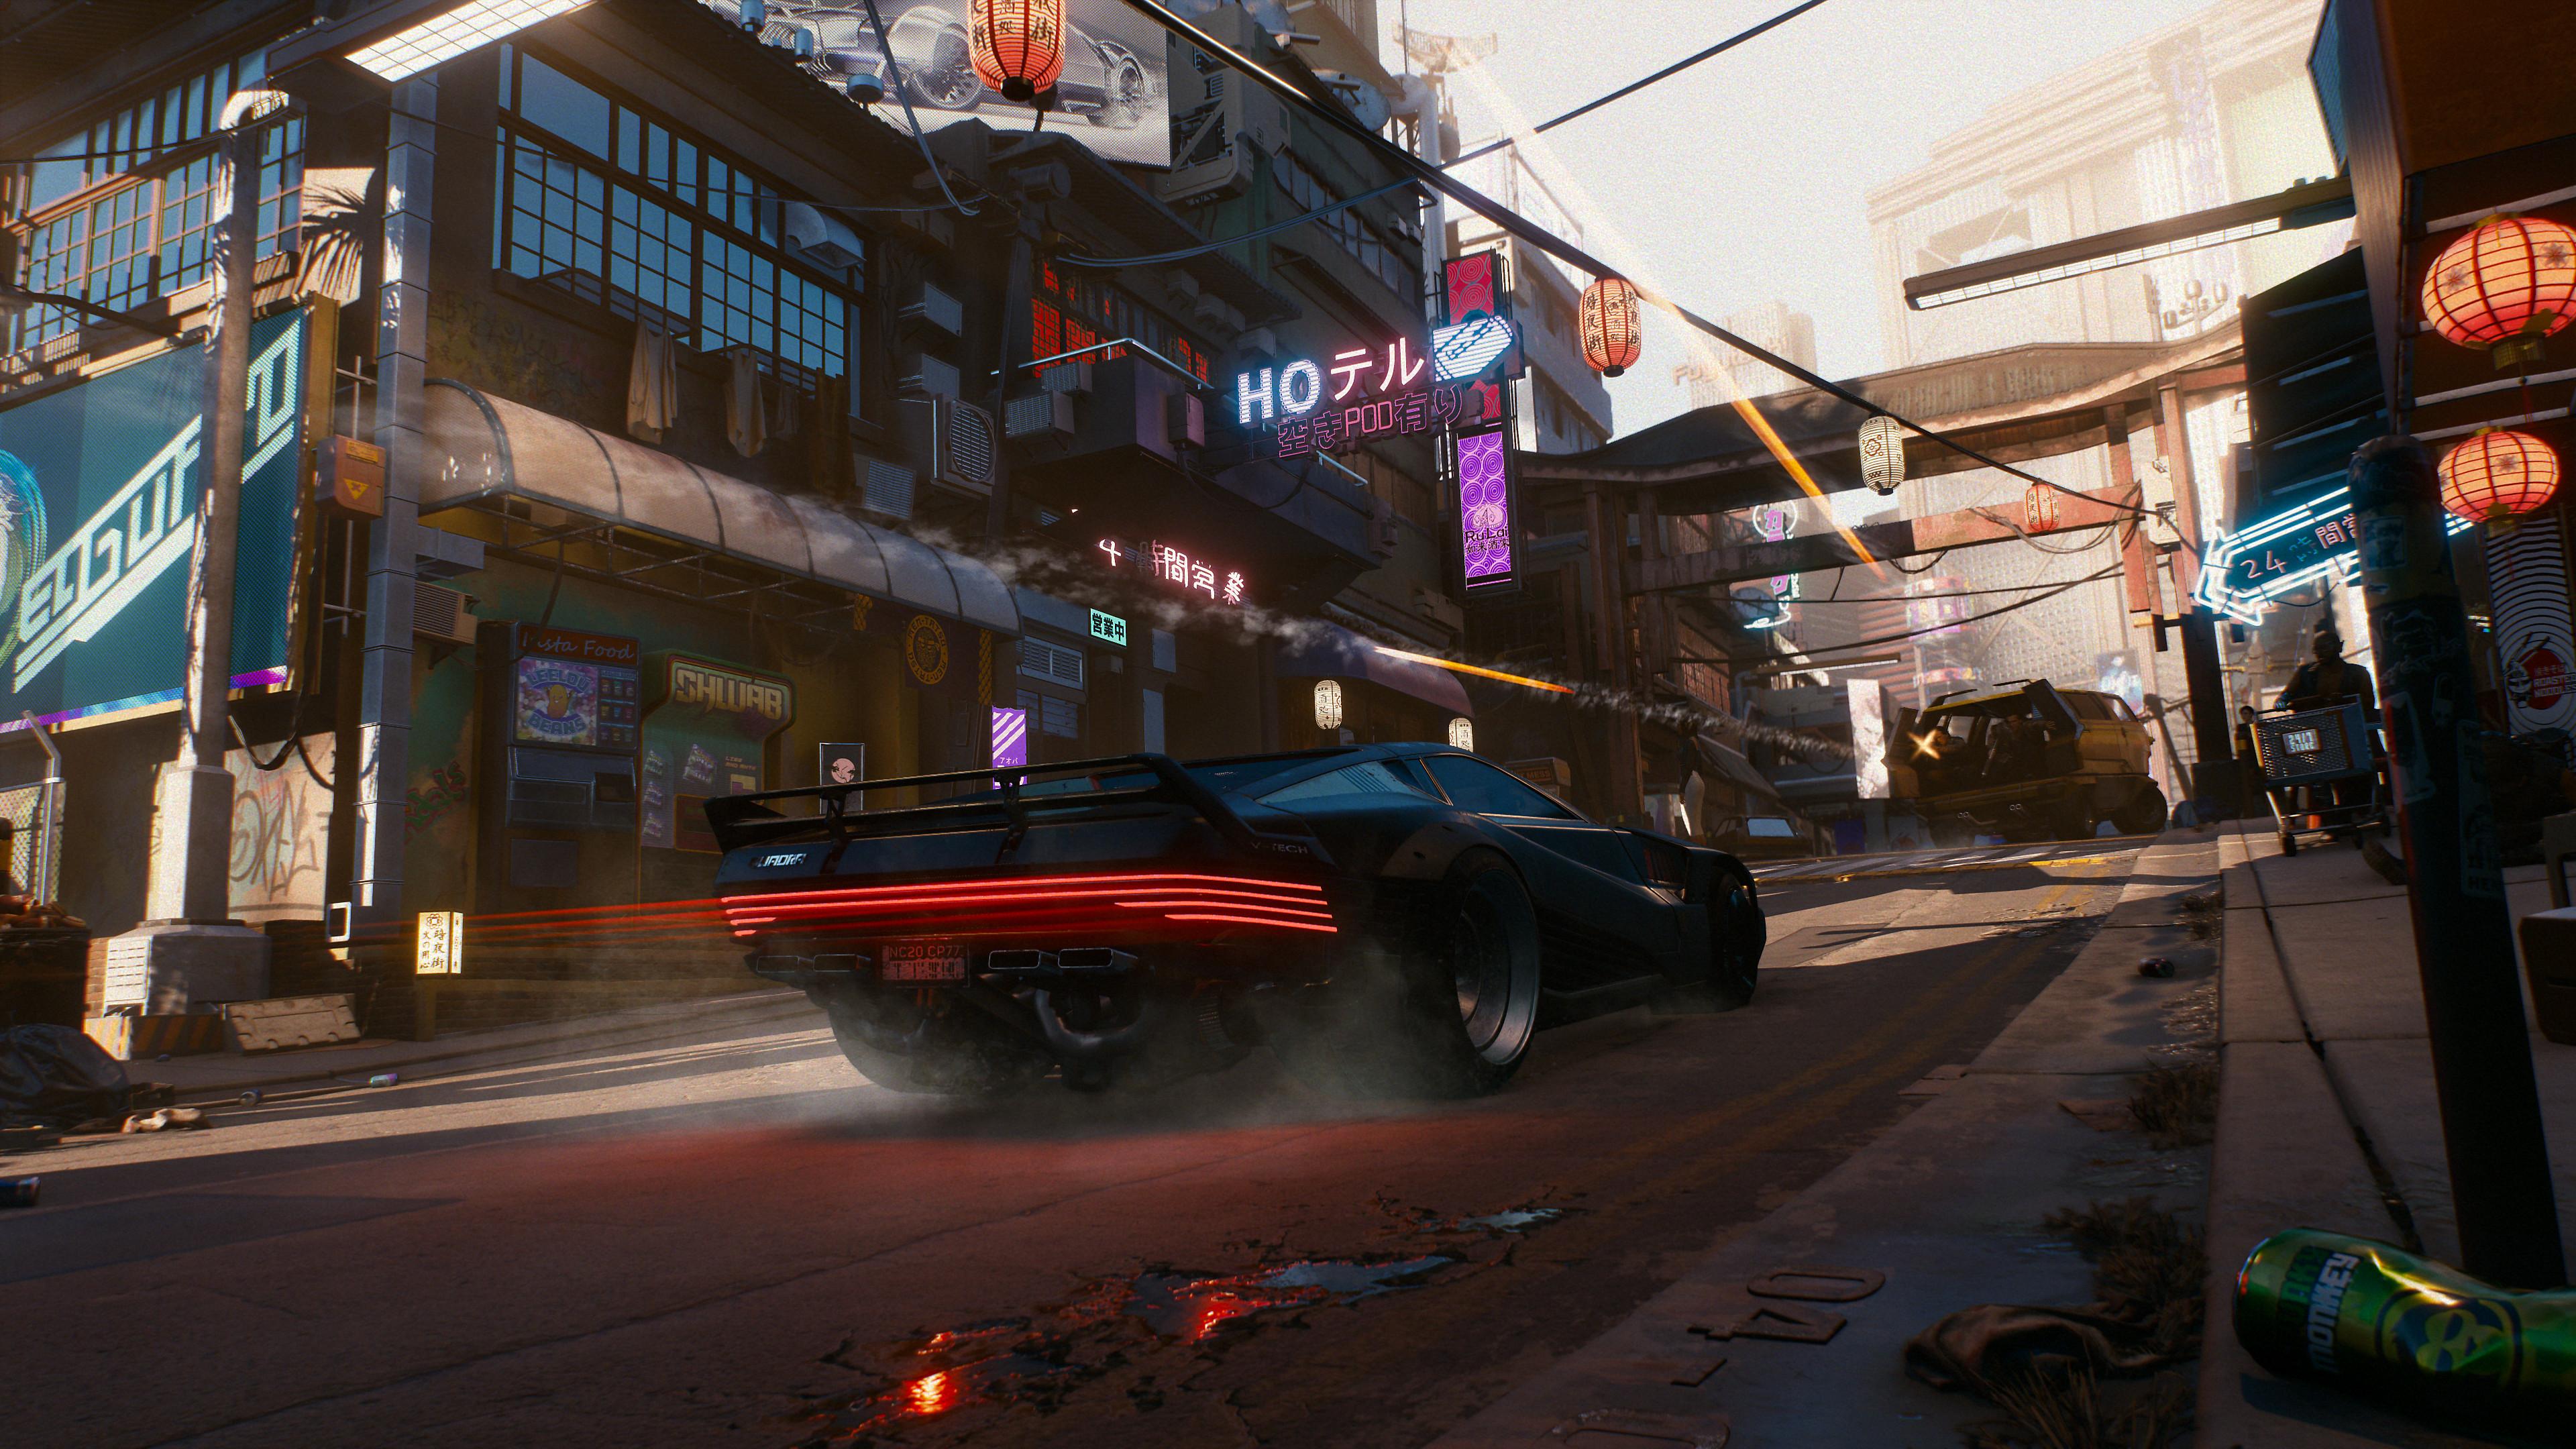 เผยกราฟิก Cyberpunk 2077 คอนโซลเทพแน่ แต่พีซีจะเทพสุด